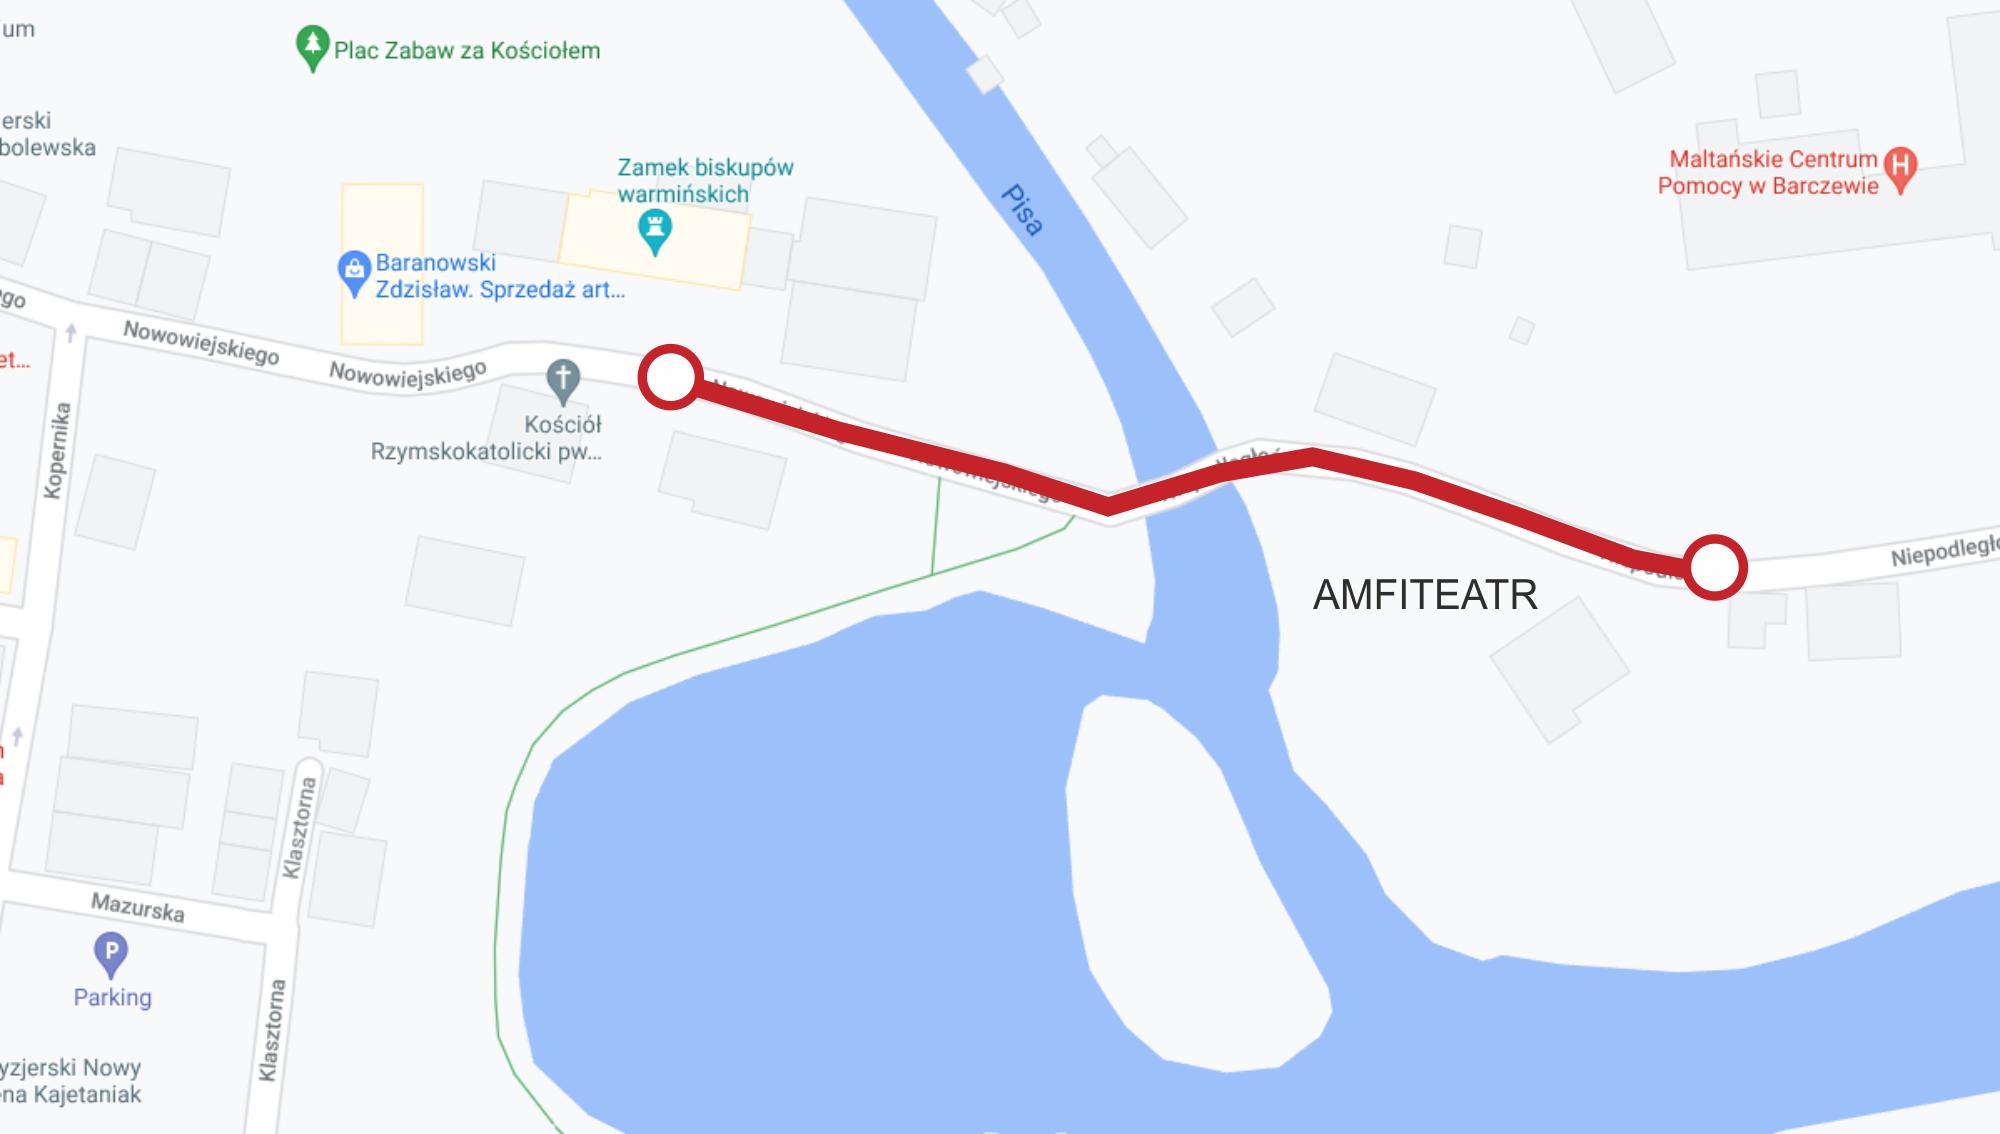 Ulice wyłączone z ruchu pojazdów